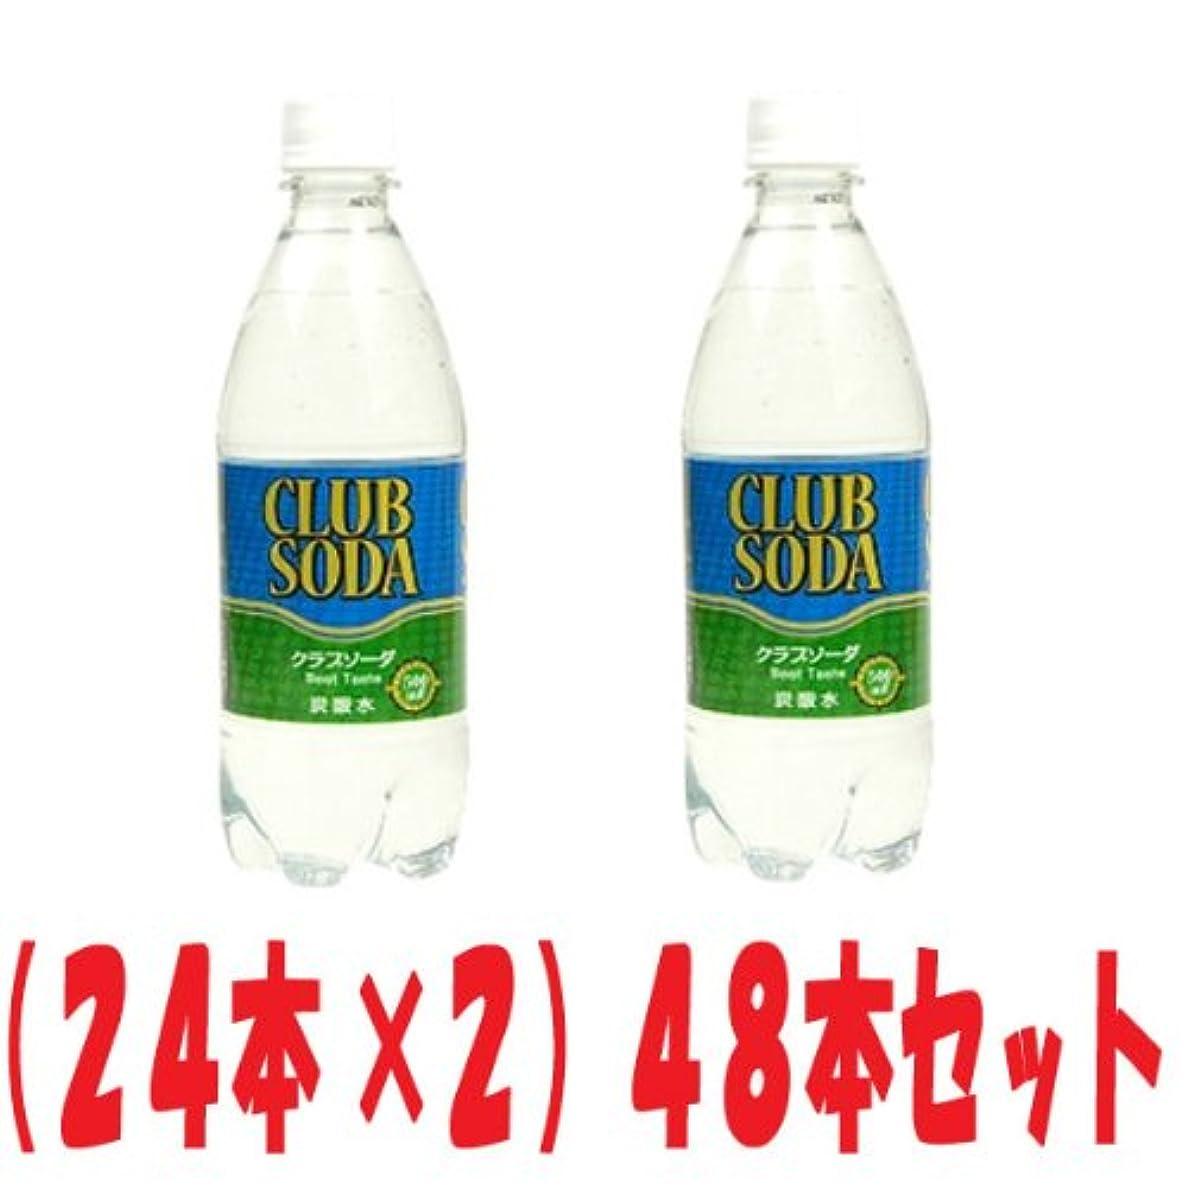 天の赤面に対して炭酸水 国産 友桝飲料 クラブソーダ 500ml PET× 48本